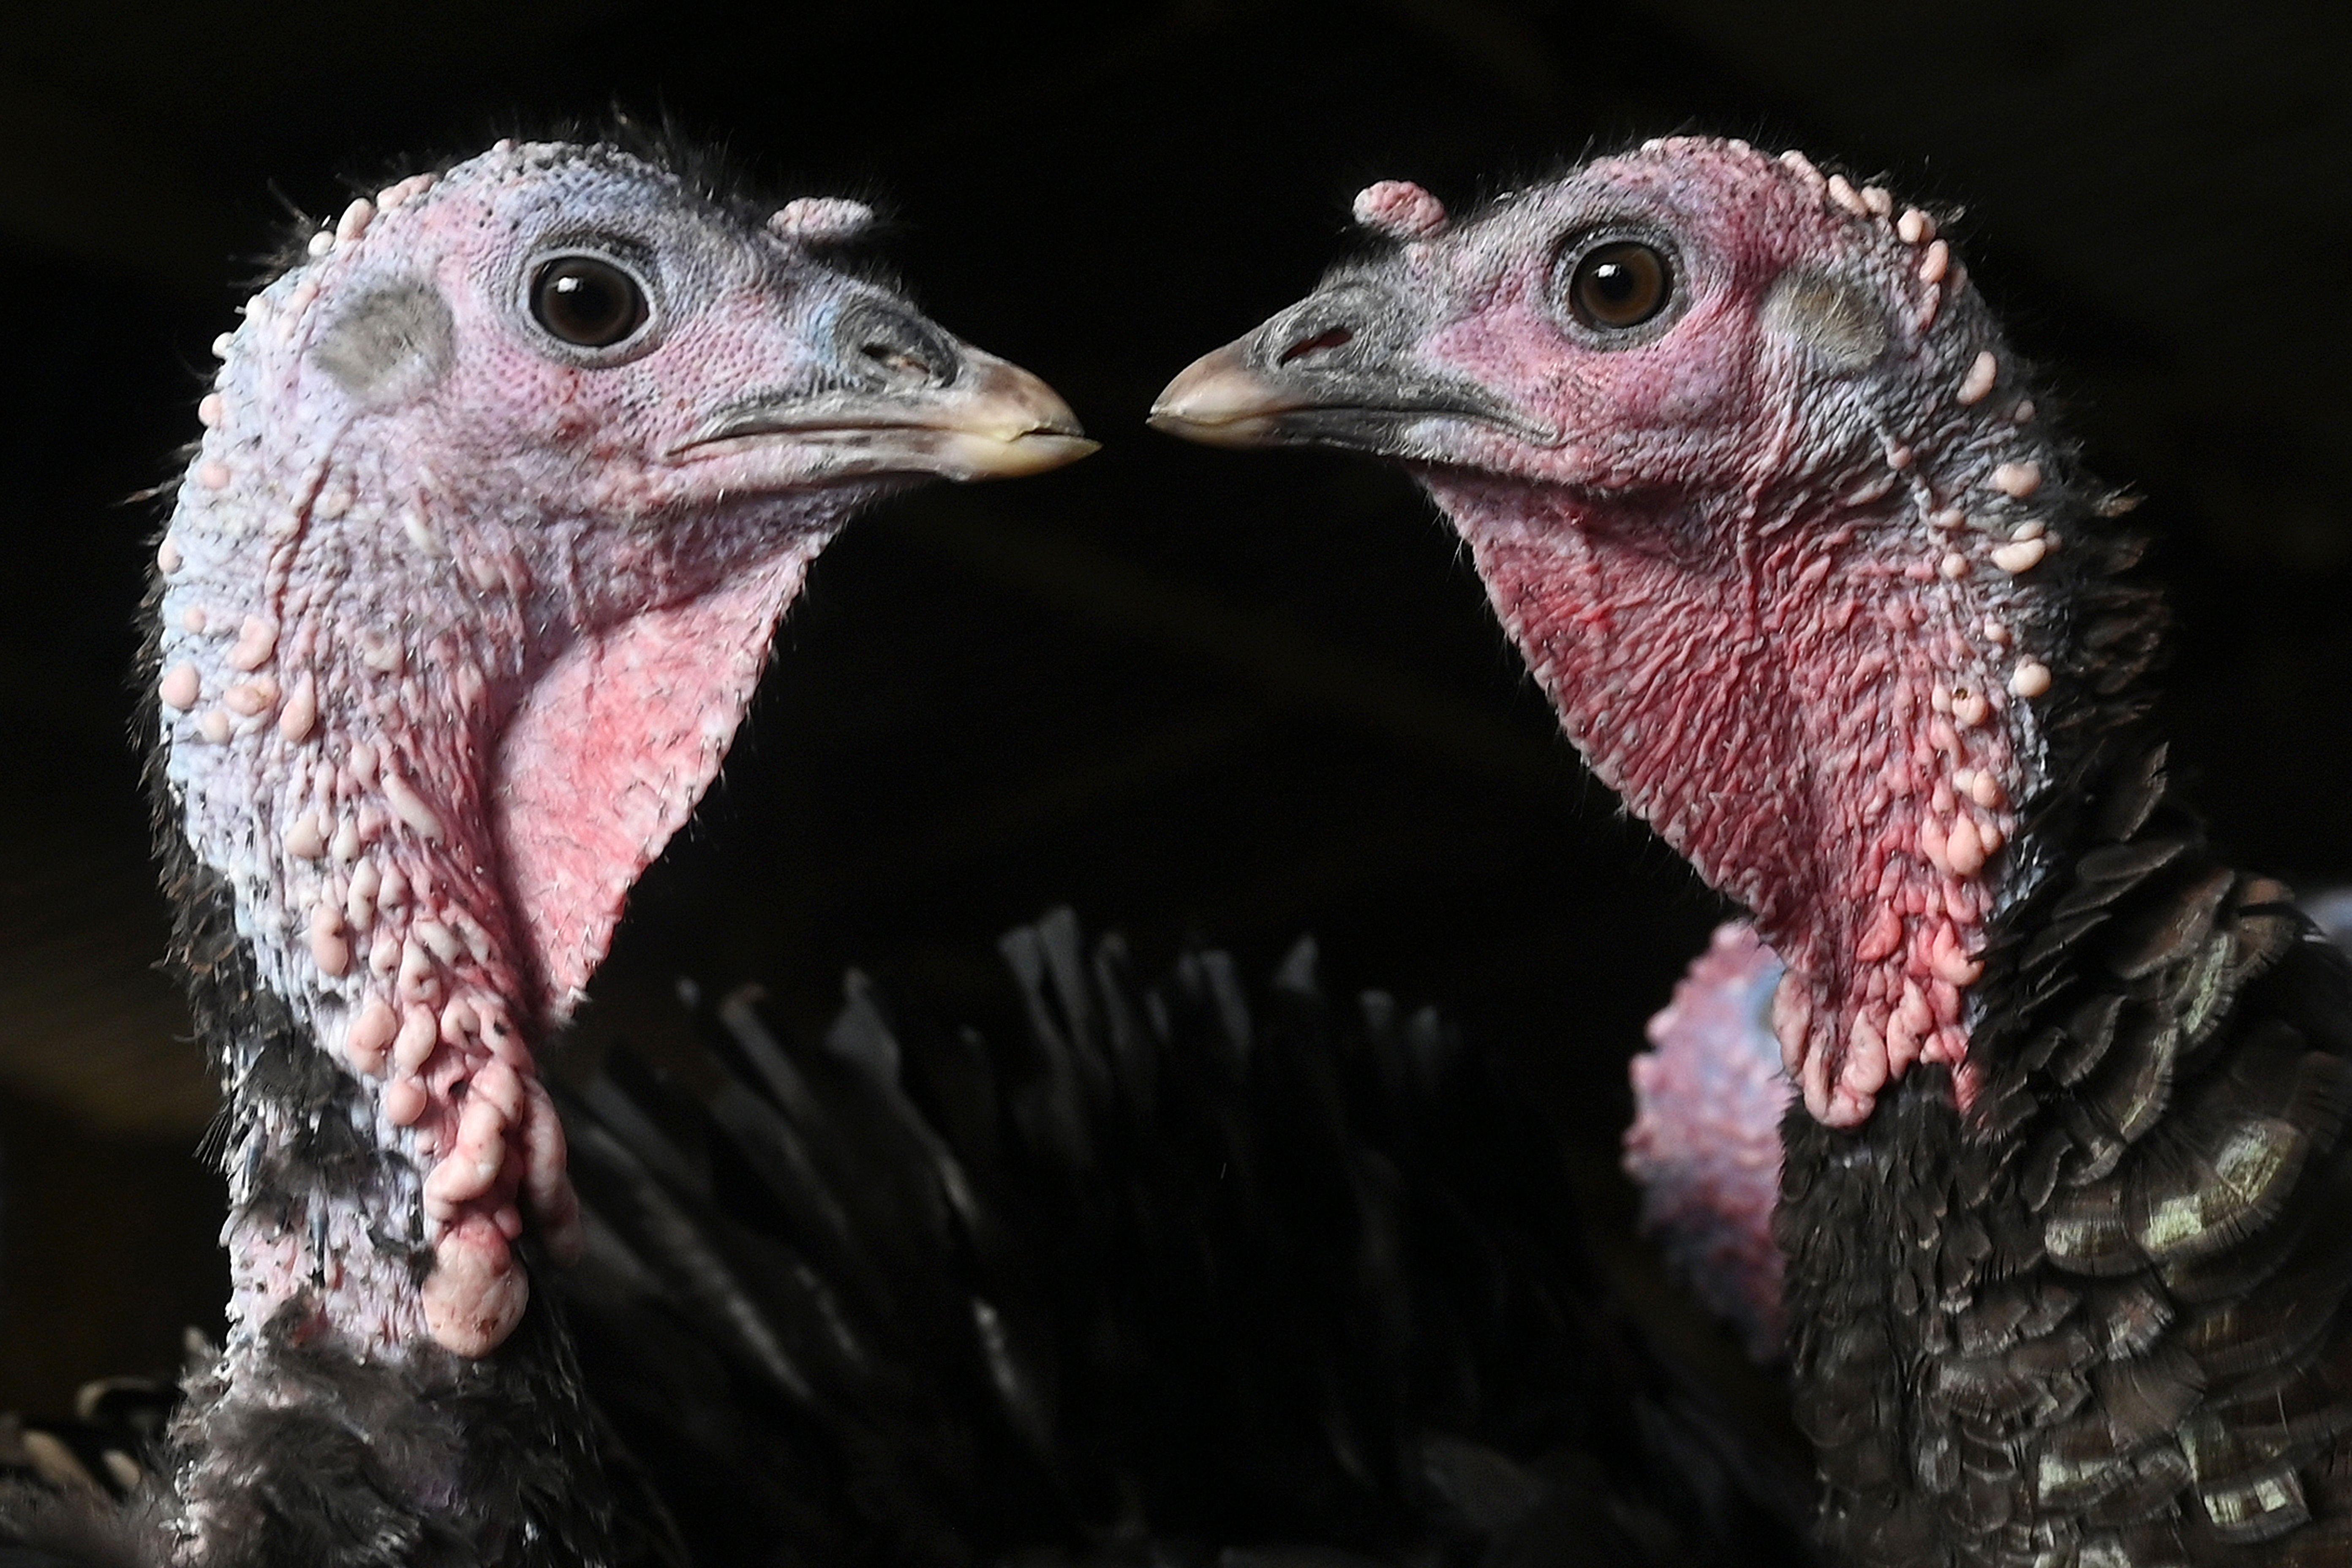 Two Bronze turkeys chilling in a field.